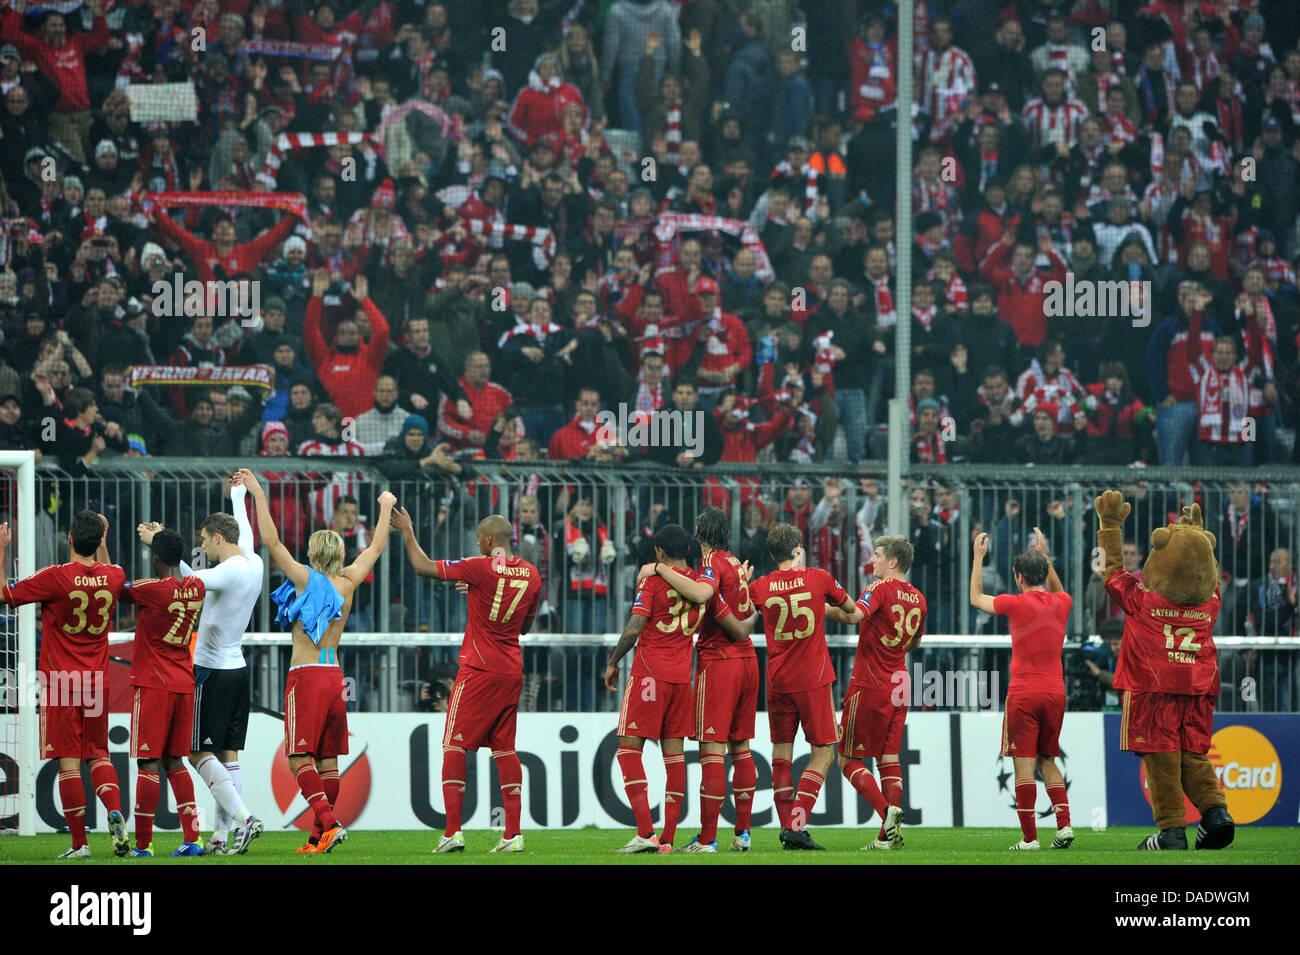 430298b7bfa33 El equipo de Munich se celebra después de la Liga de Campeones grupo  durante un partido